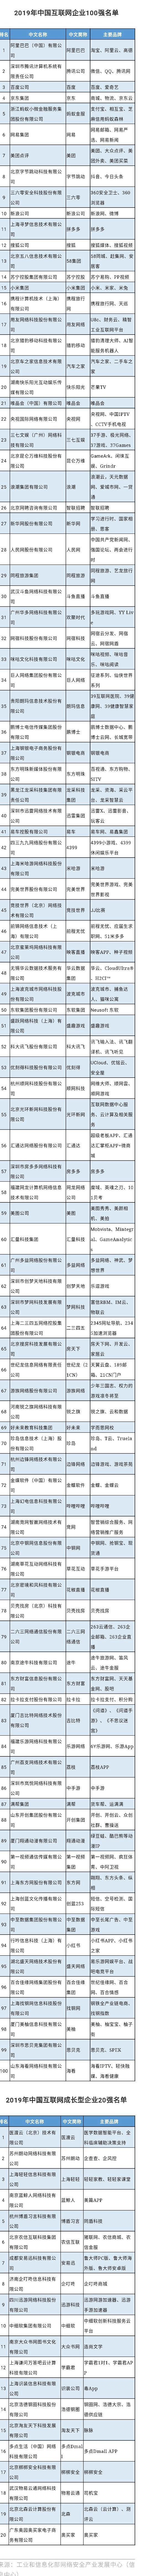 2019年中国互联网企业100强榜单